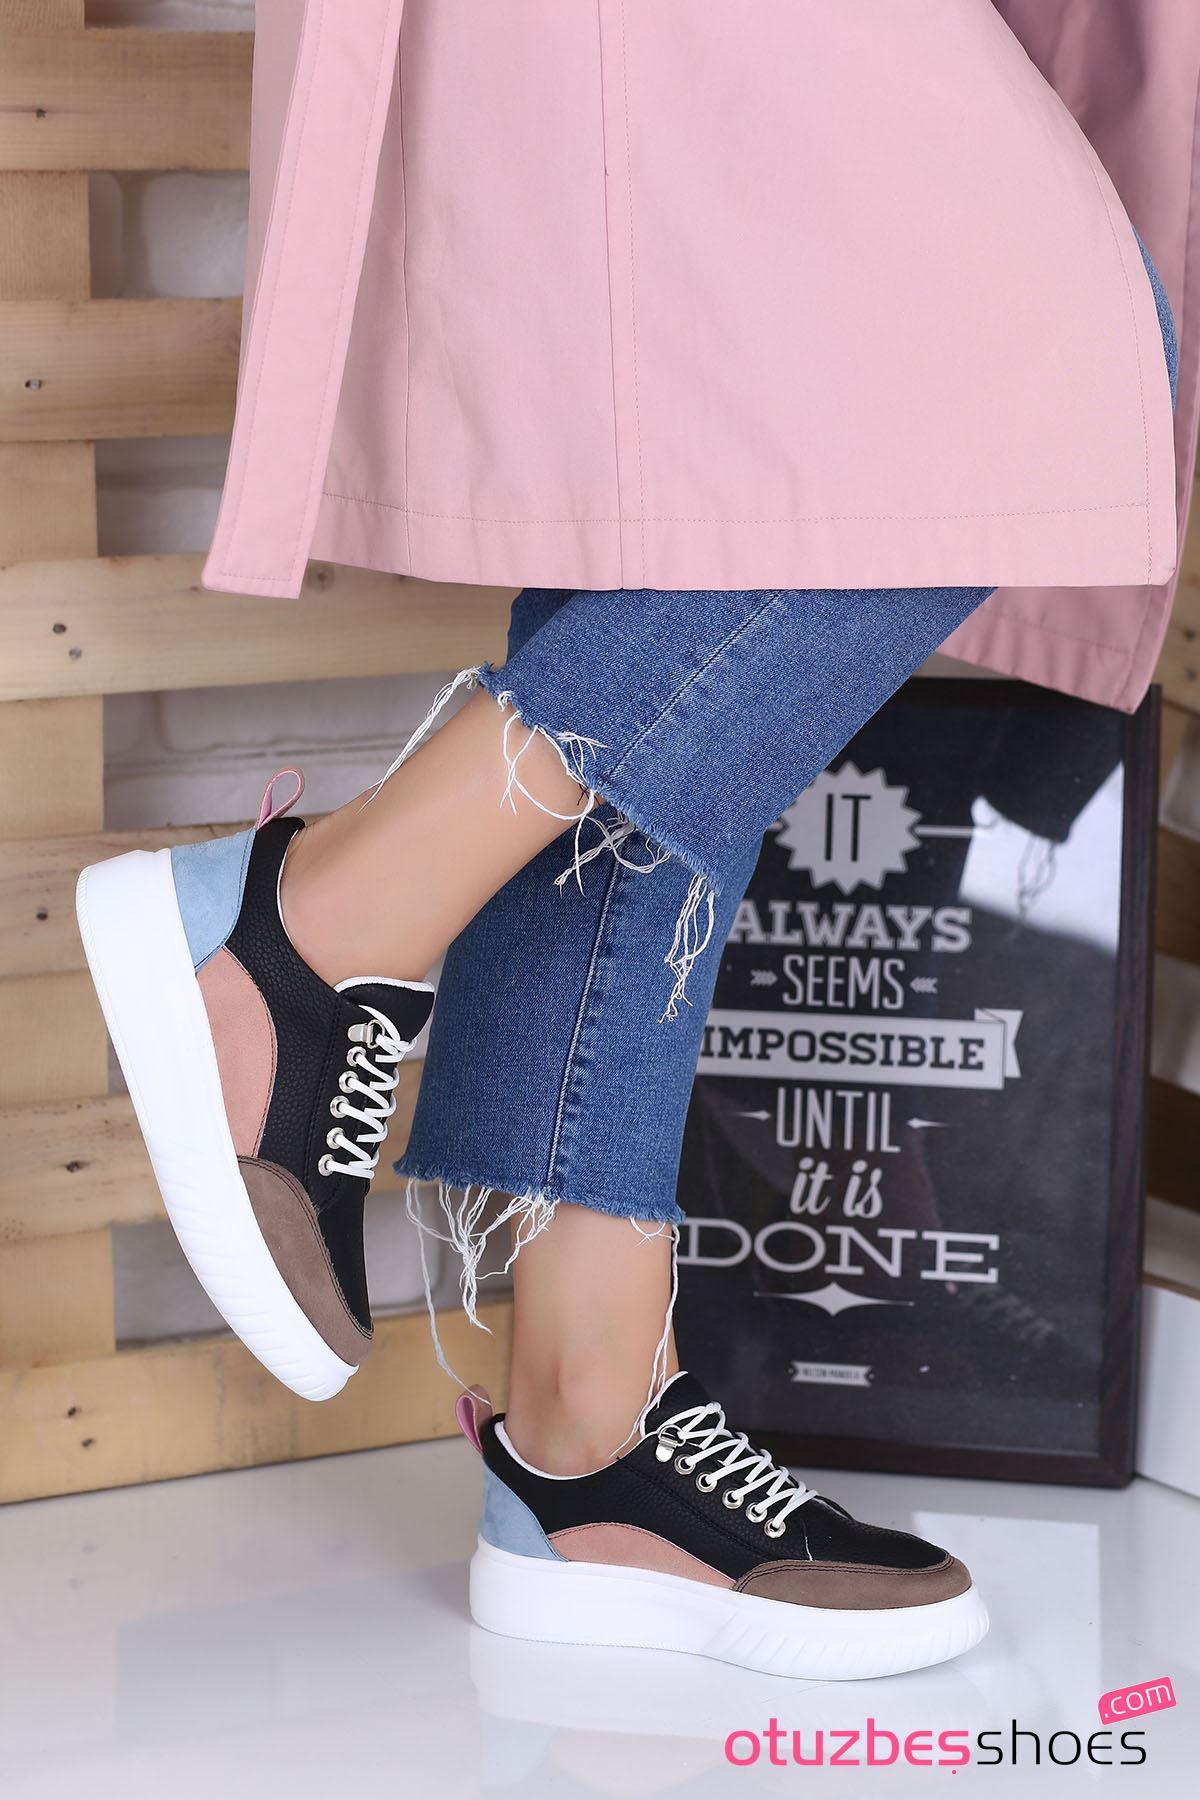 Dolly Mat Deri Renk Detay Kalın Taban Günlük Ayakkabı Vizon